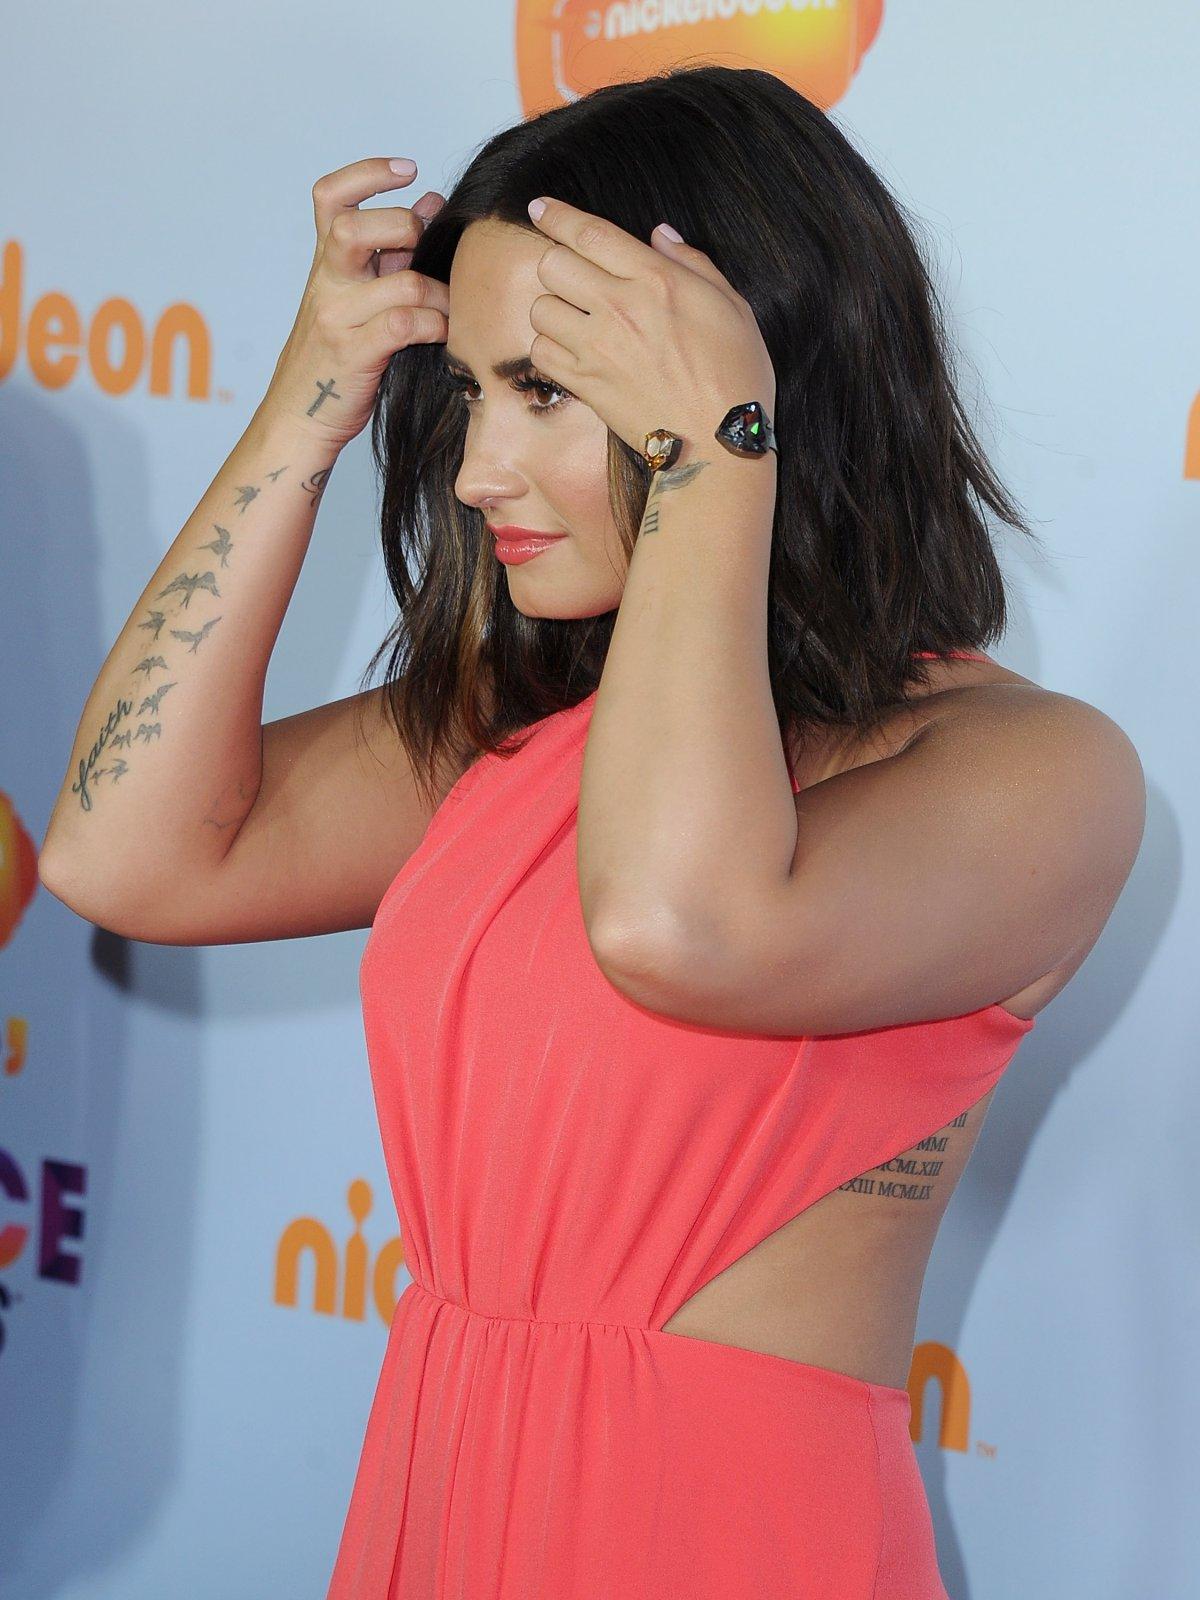 El drástico cambio de look de Demi Lovato que muchos aún no pueden creer